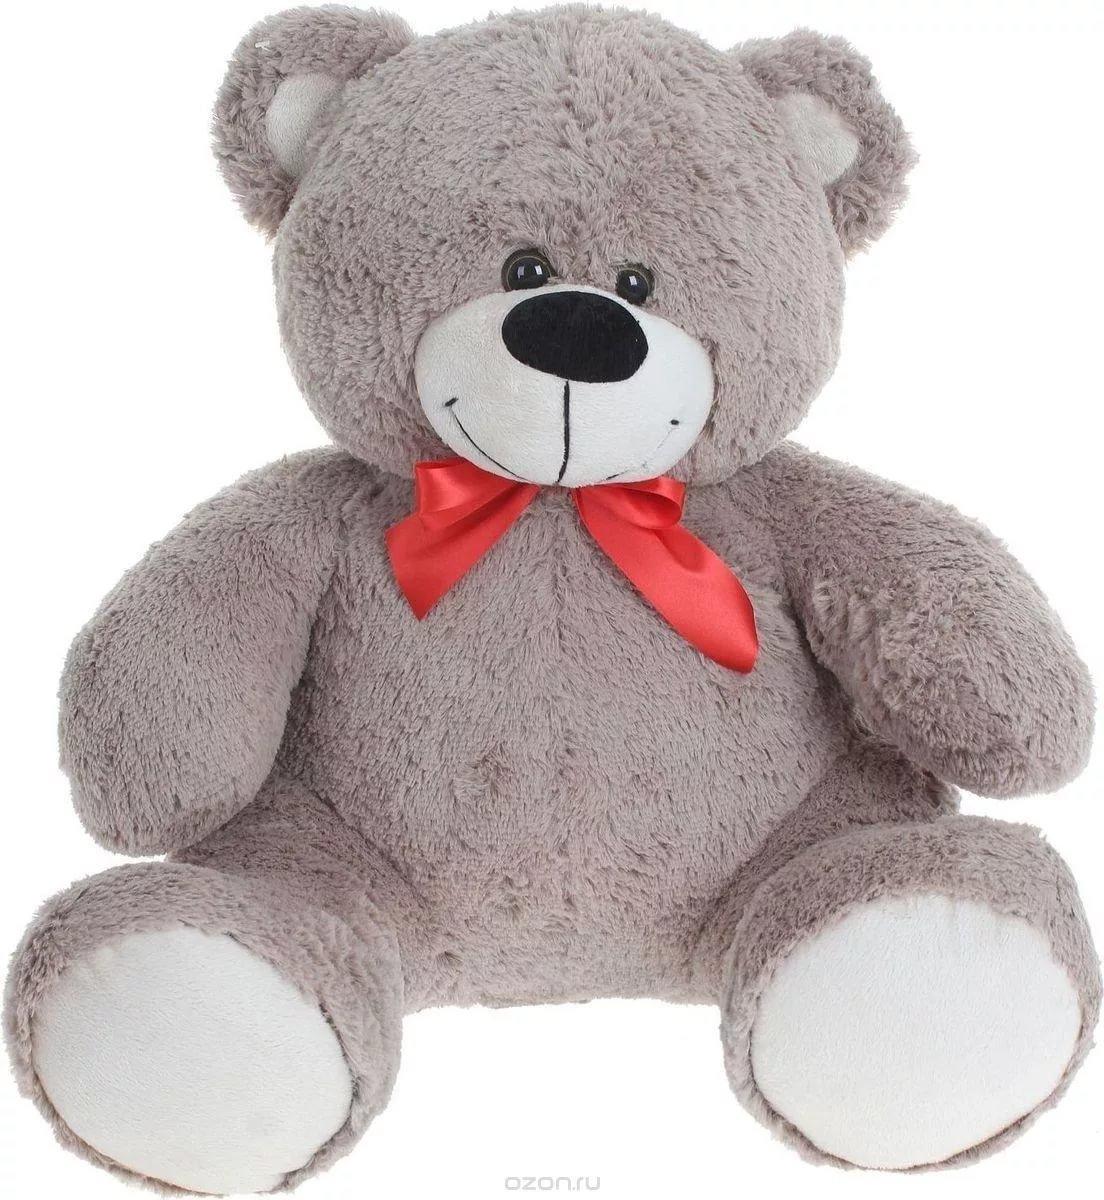 Февраля мужчине, картинки плюшевые медведи для детей